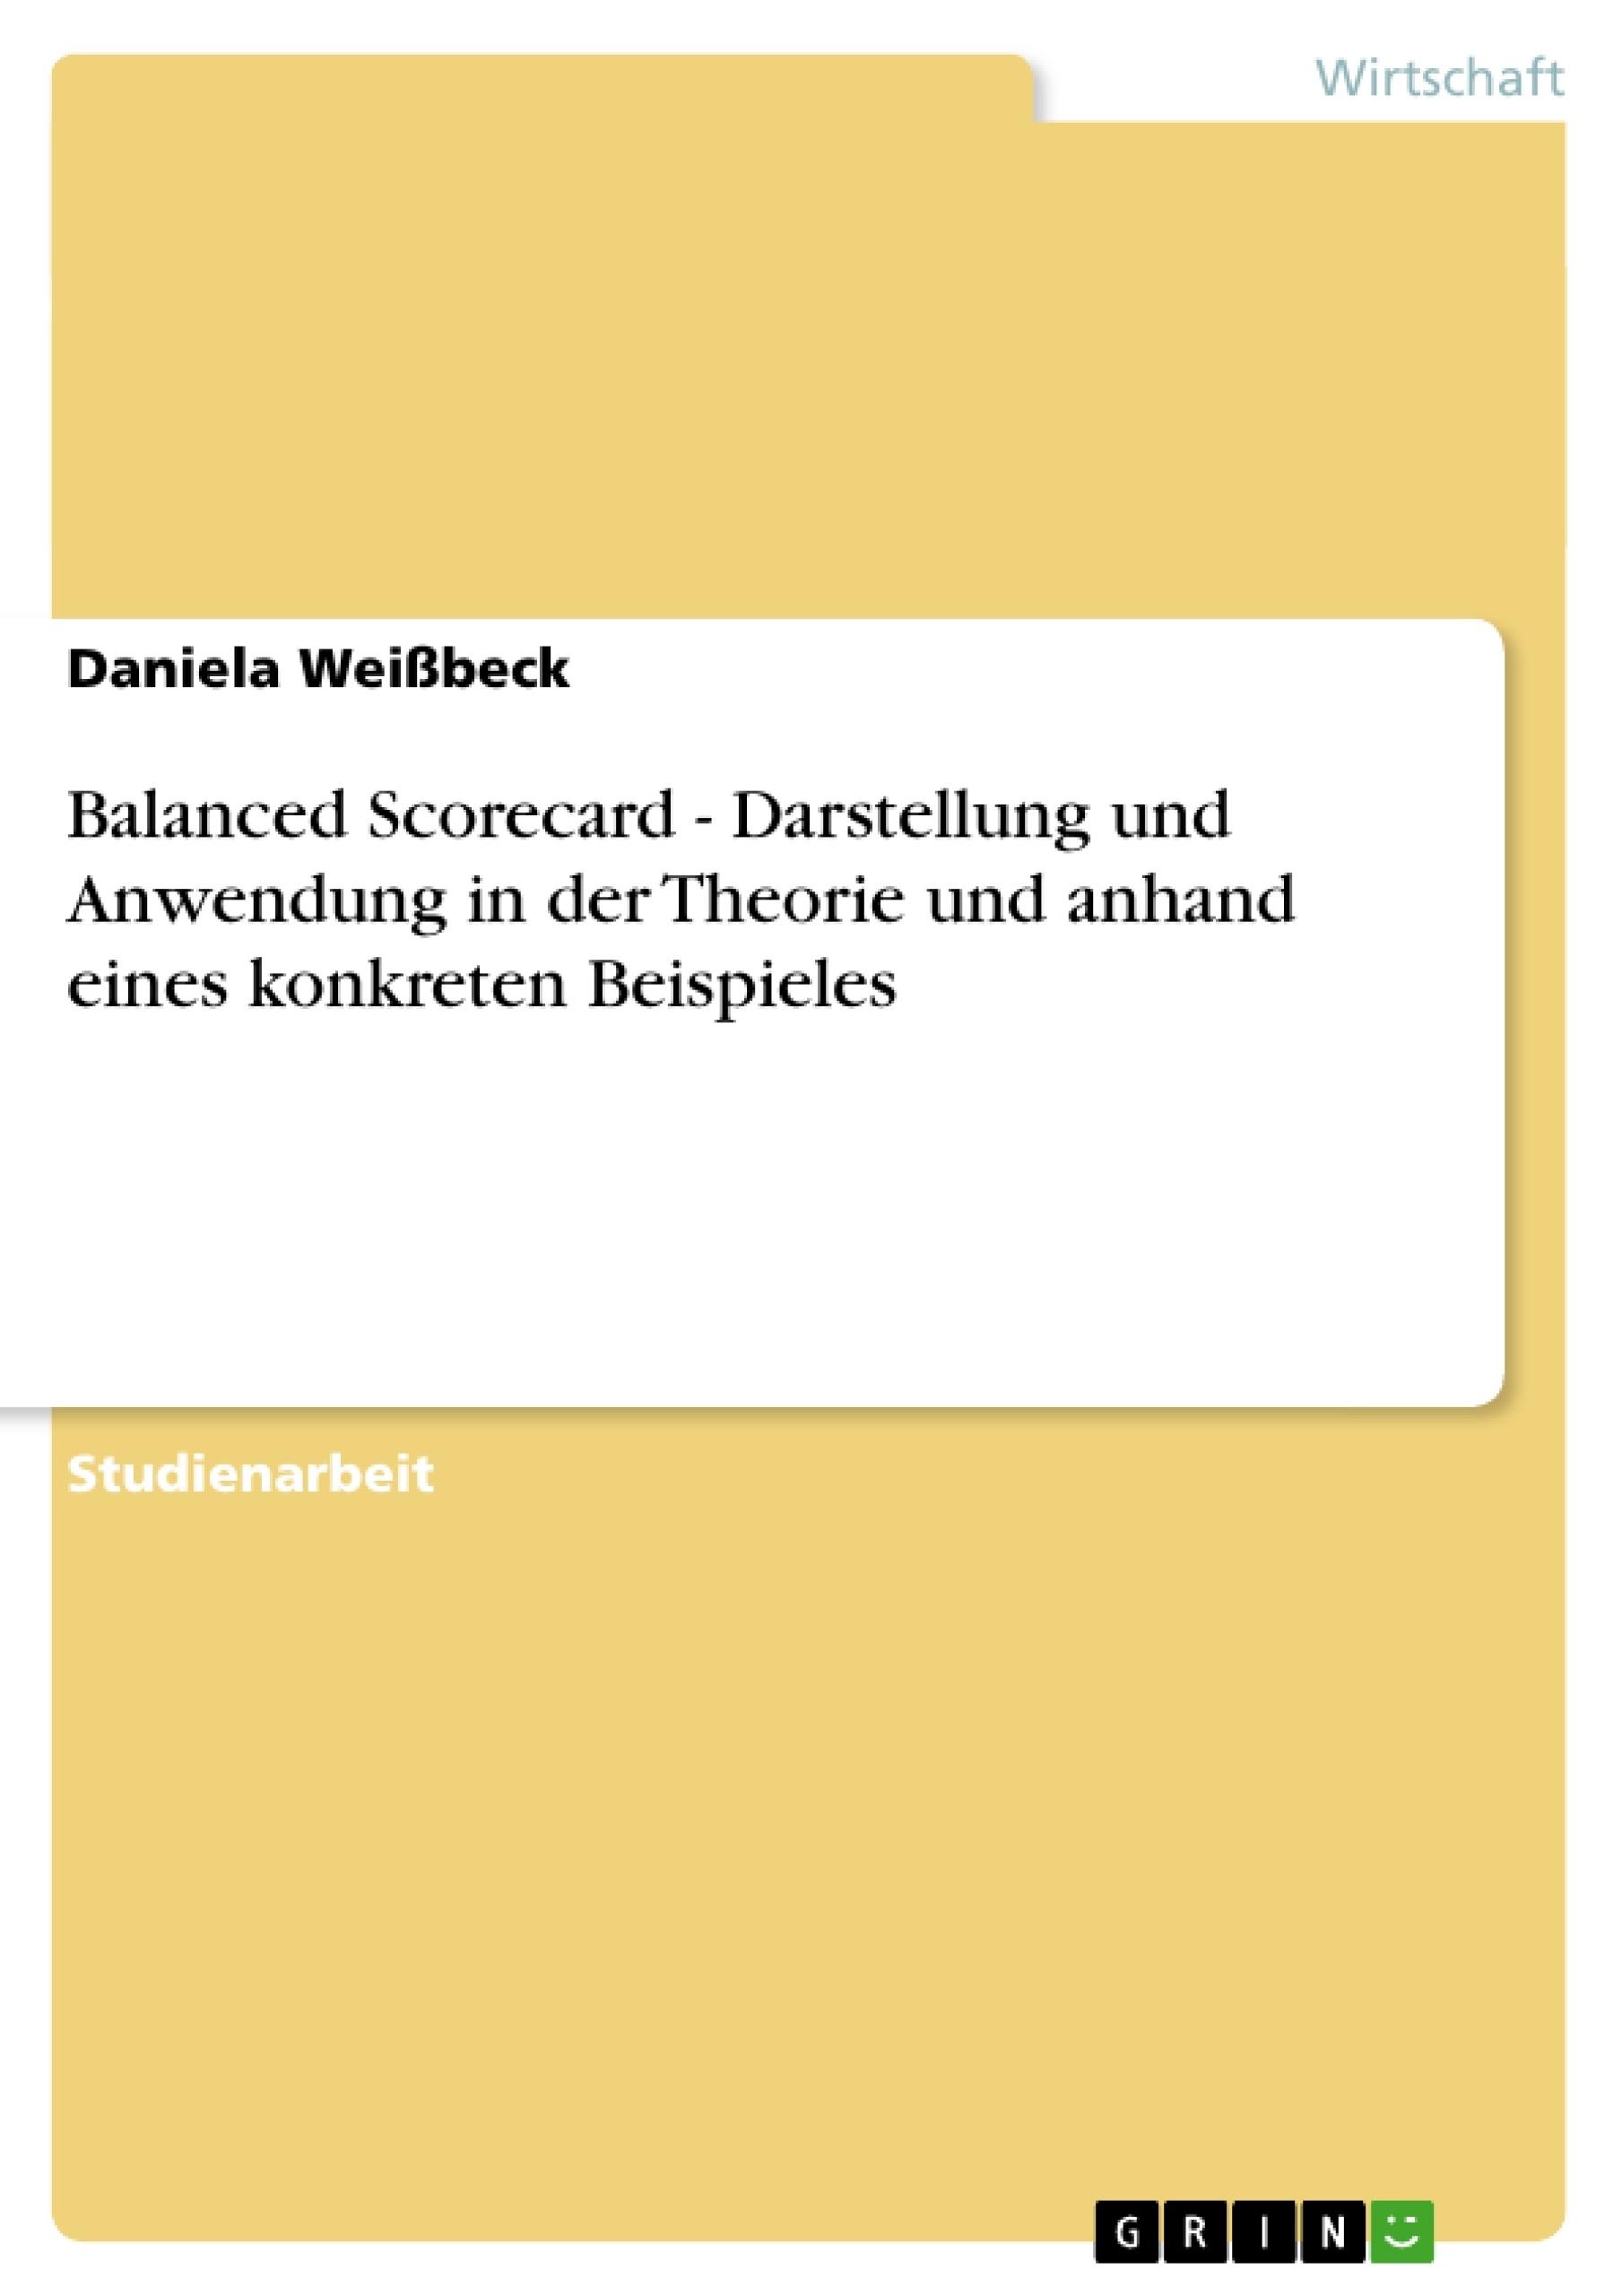 Titel: Balanced Scorecard - Darstellung und Anwendung in der Theorie und anhand eines konkreten Beispieles